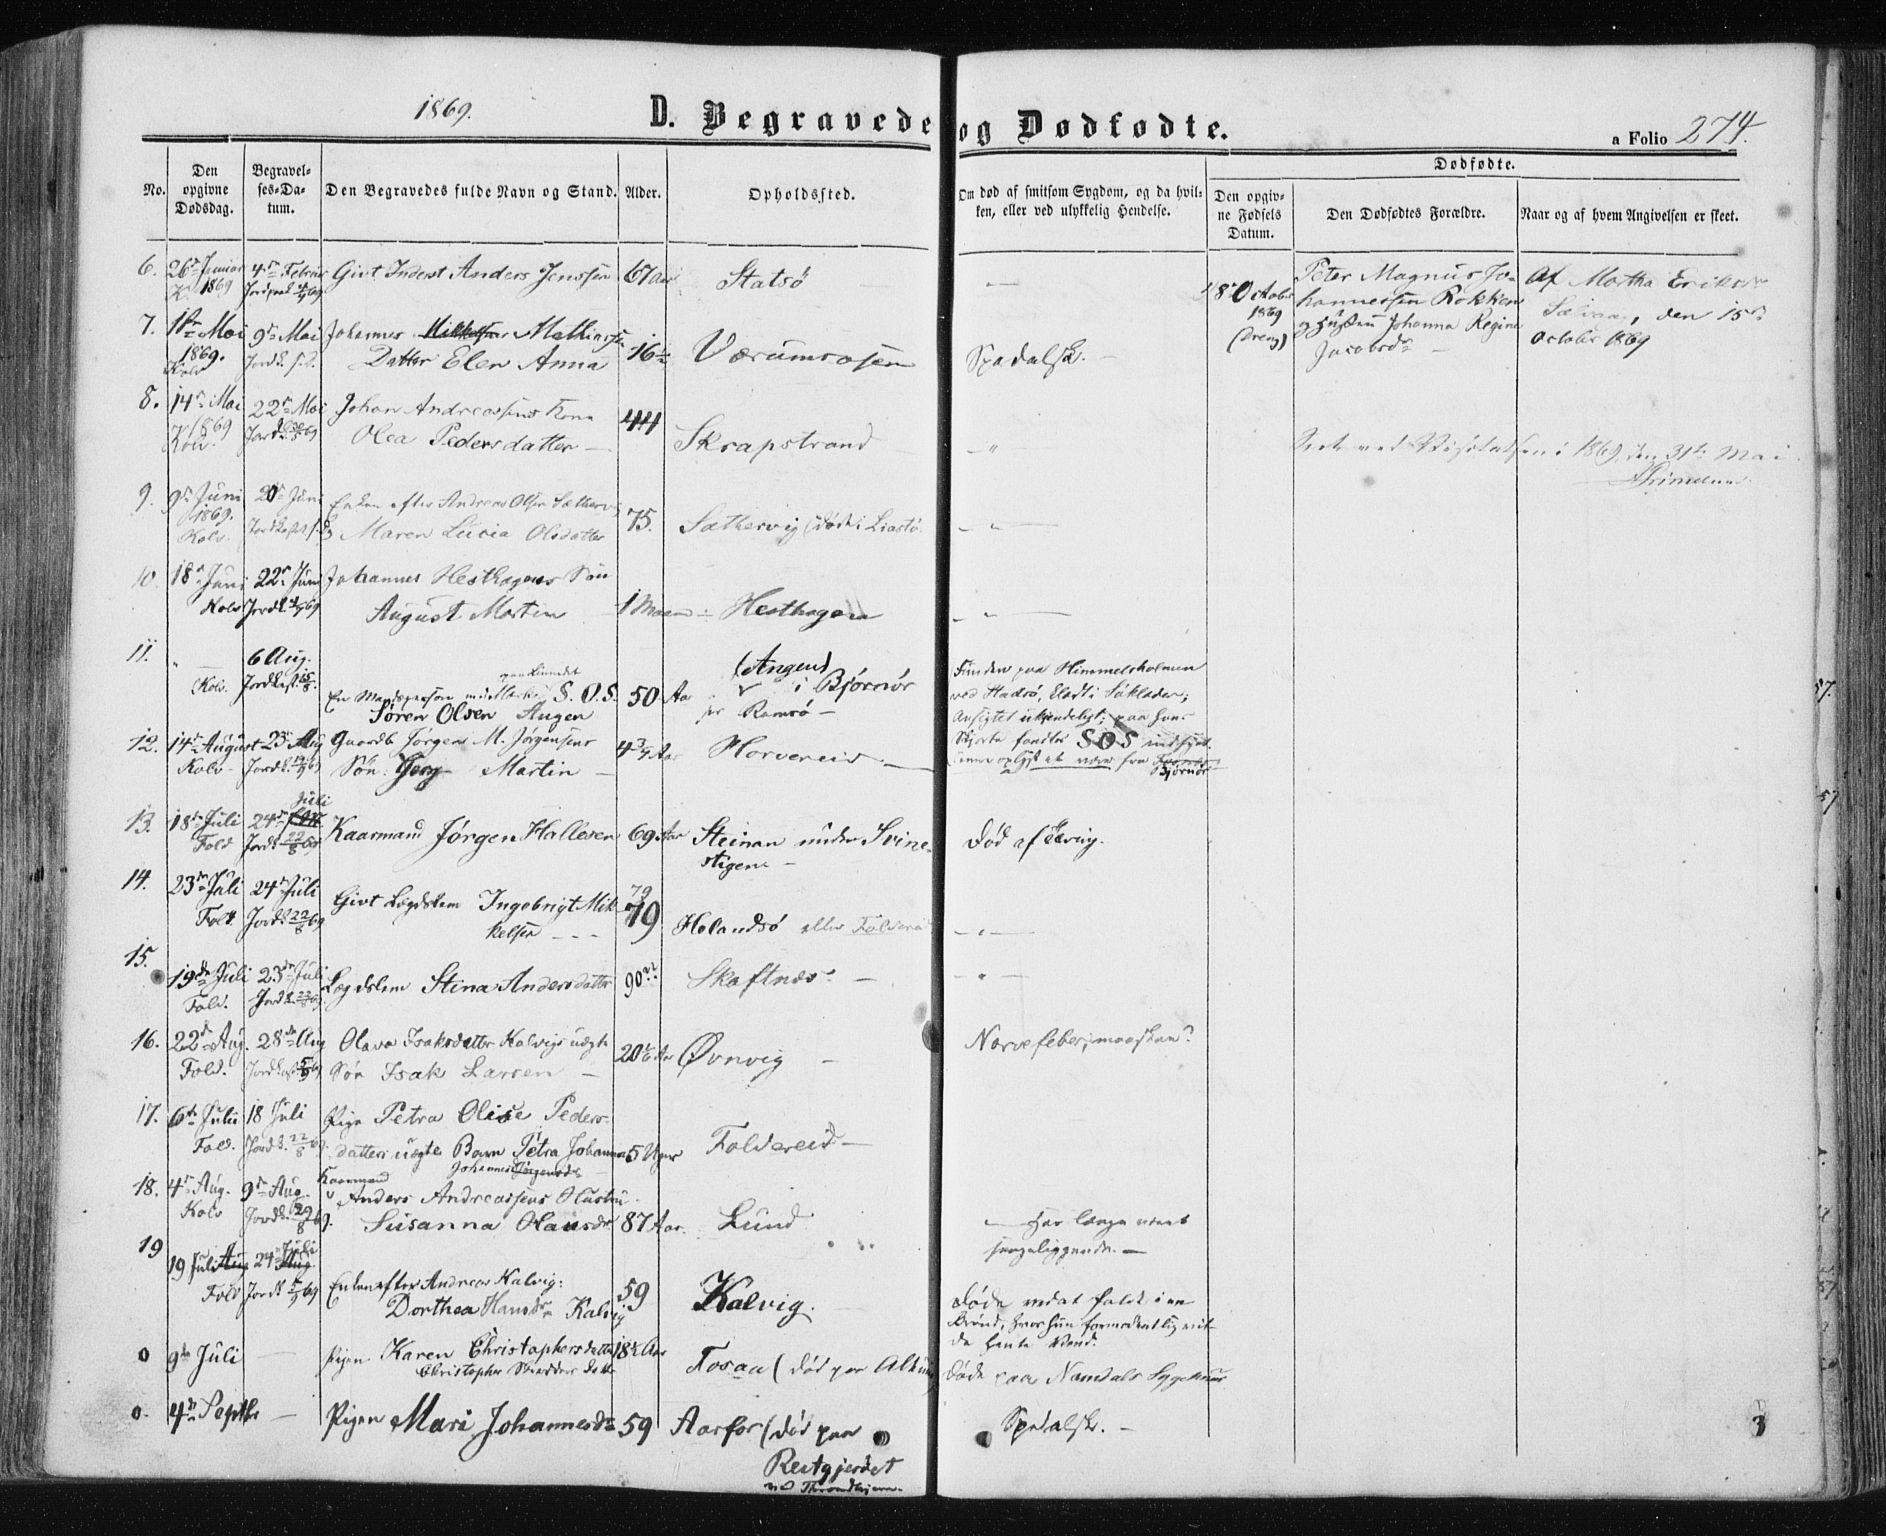 SAT, Ministerialprotokoller, klokkerbøker og fødselsregistre - Nord-Trøndelag, 780/L0641: Ministerialbok nr. 780A06, 1857-1874, s. 274